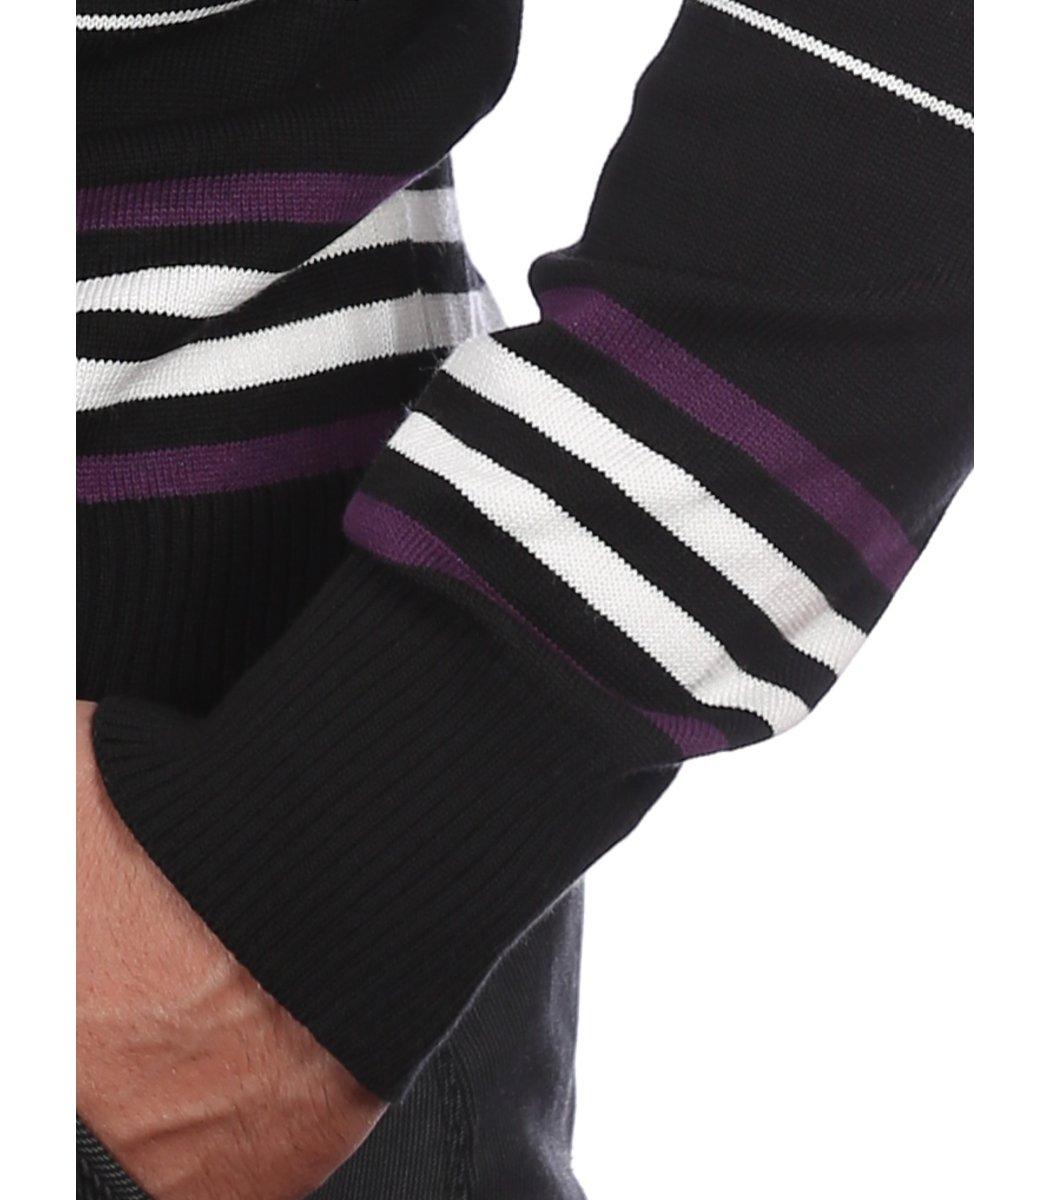 Джемпер в полоску Lacoste JL1 (Черный/фиолетовый) - Черний - Вид 7